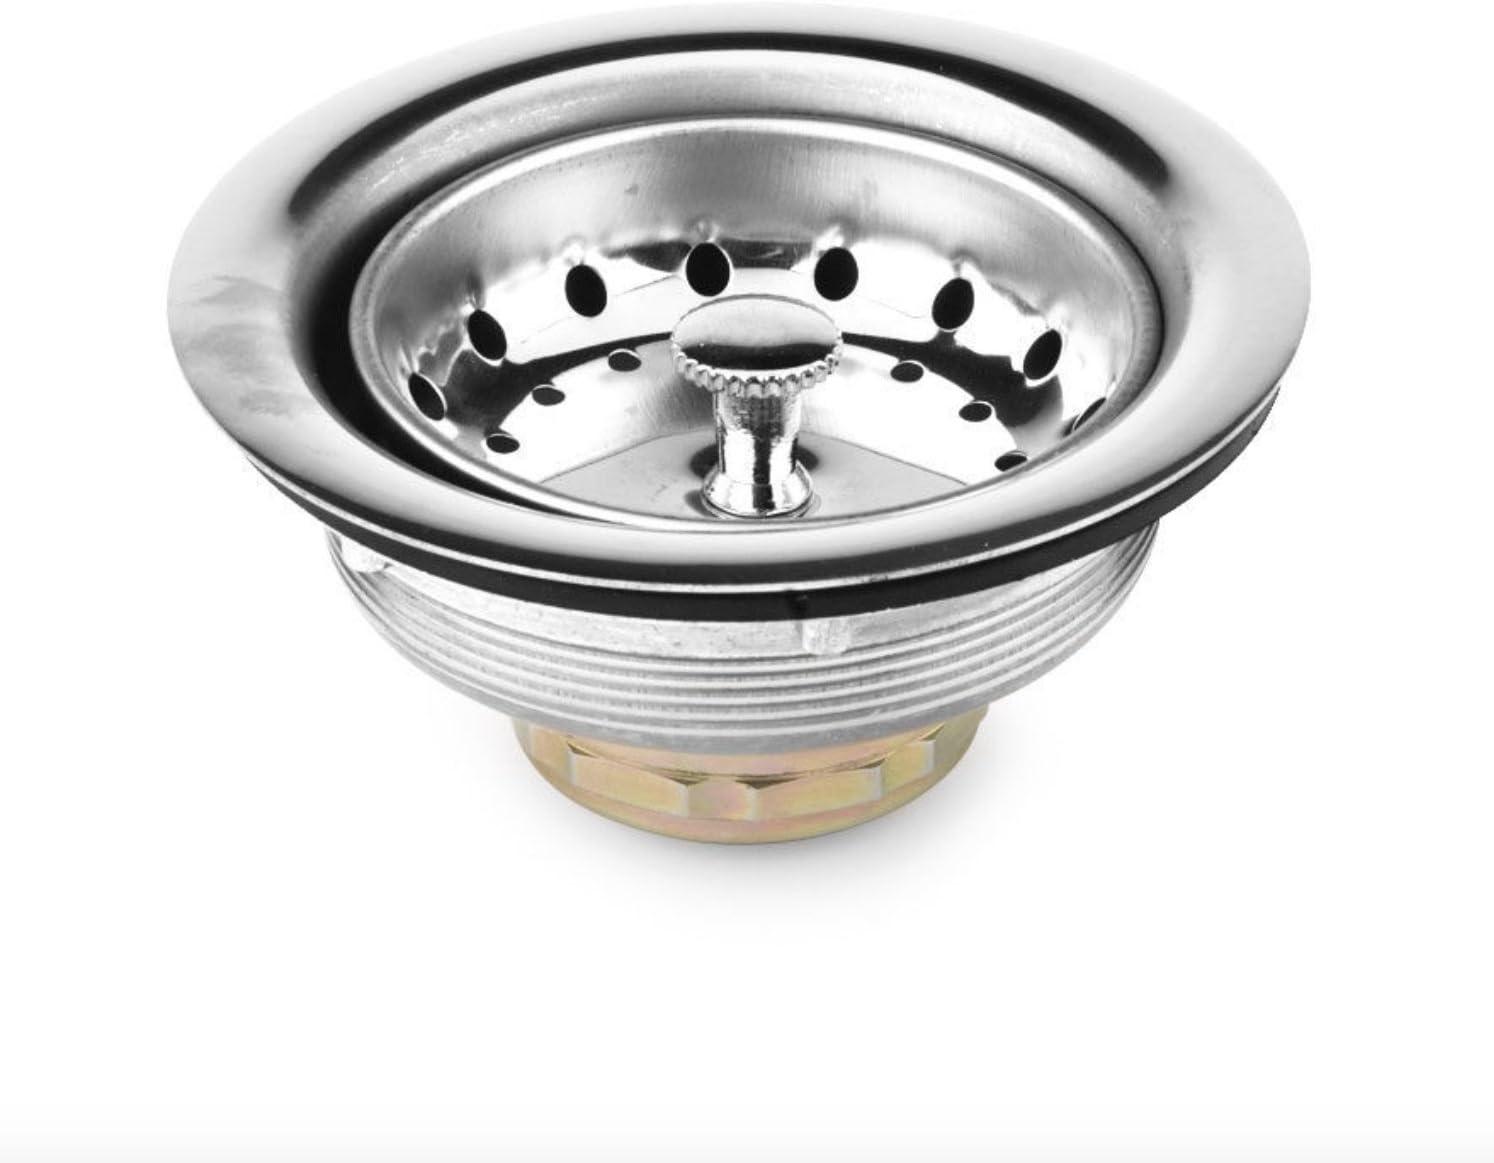 Lavabo de ba/ño ba/ñera cocina tapones para fregadero alimentos suciedad Grime filtros Juego de 3 coladores de fregadero de acero inoxidable varios tama/ños